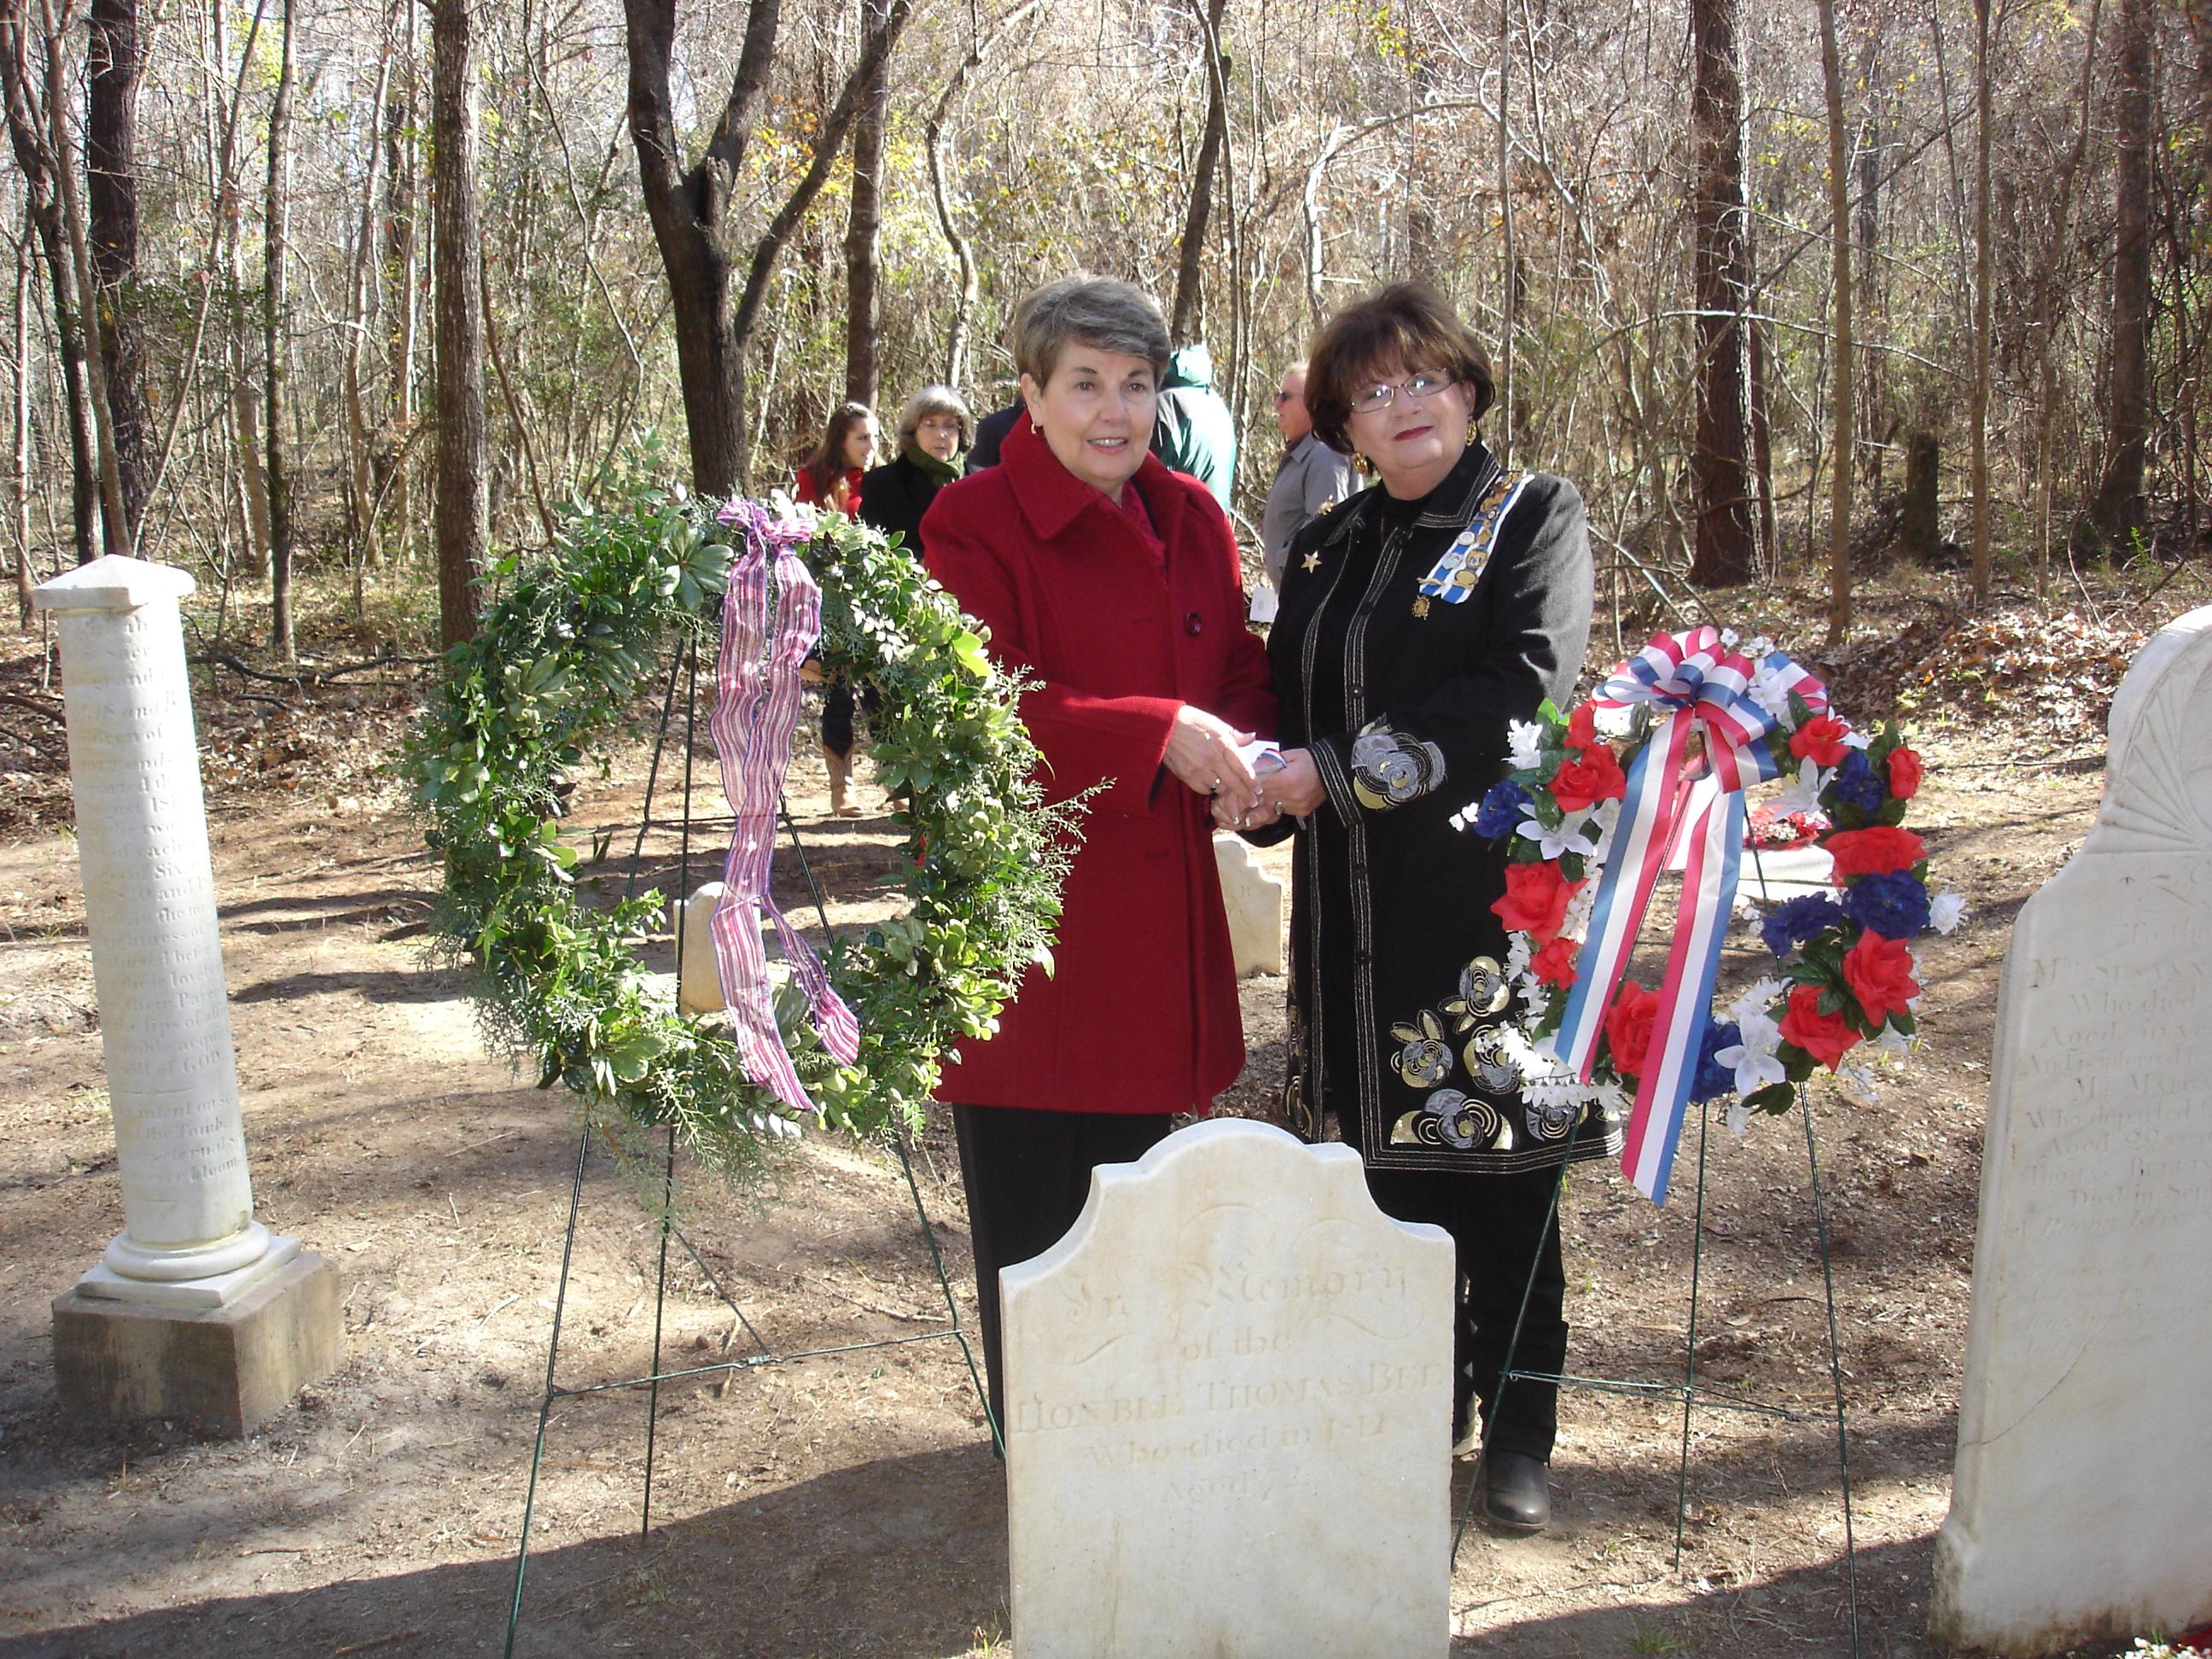 Woodstock Cemetery Ceremony